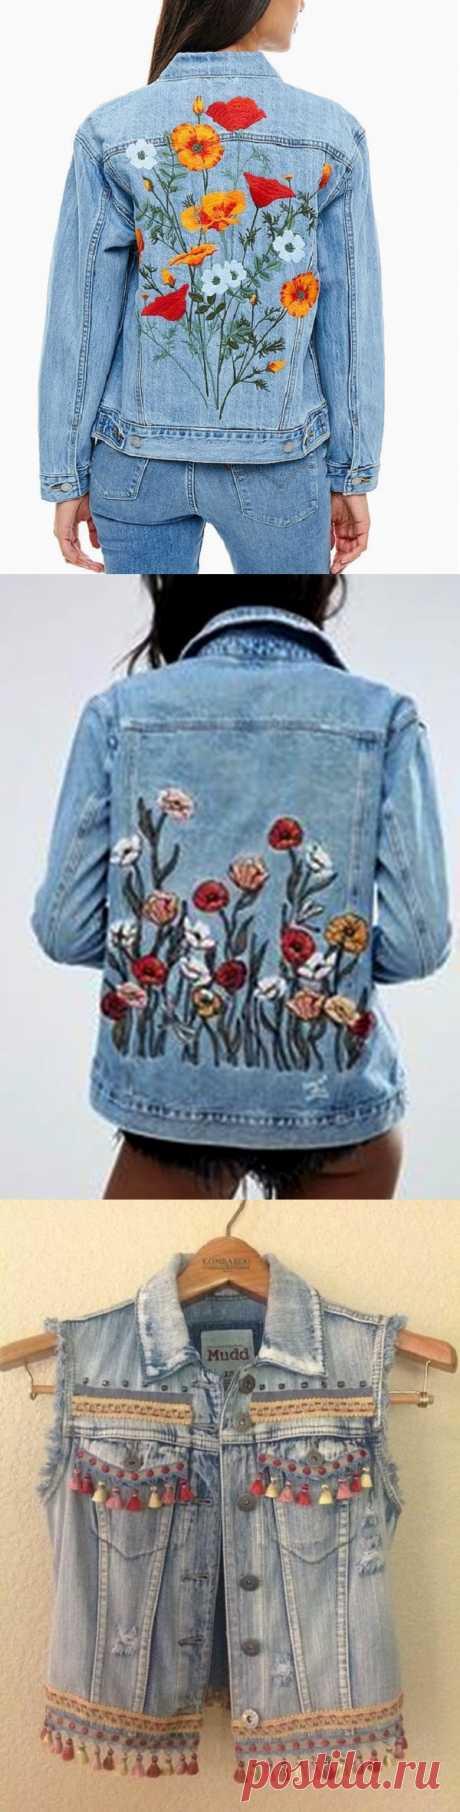 Идеи вышивки джинсовой куртки